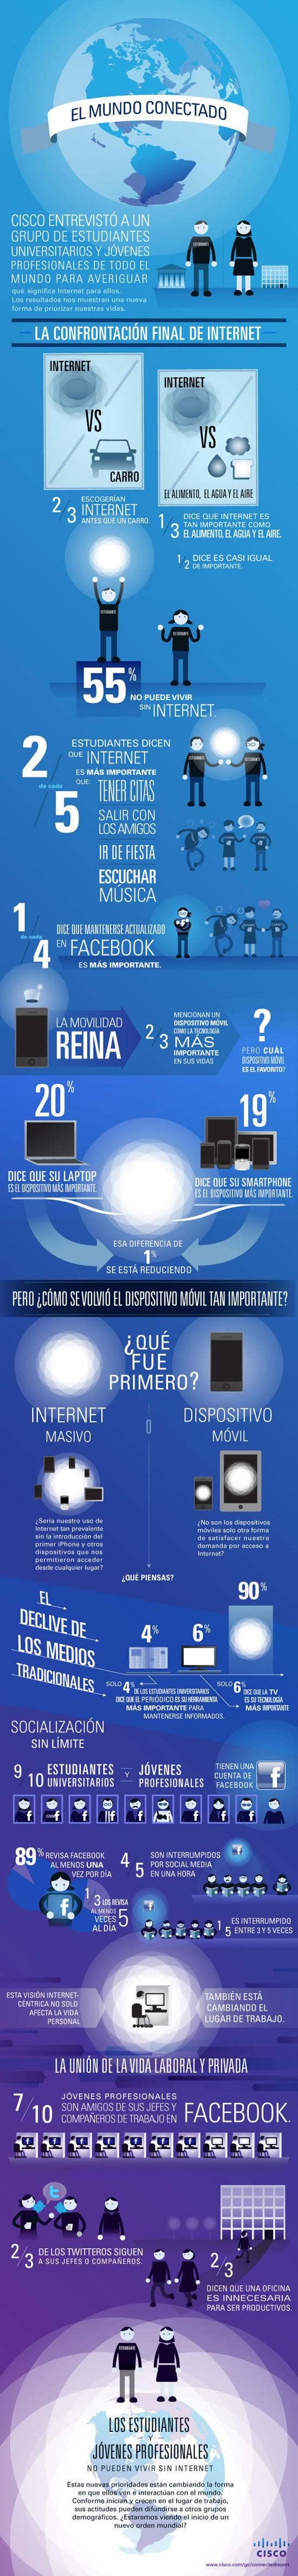 Cisco y una infografia de como ven los jovenes la Internet